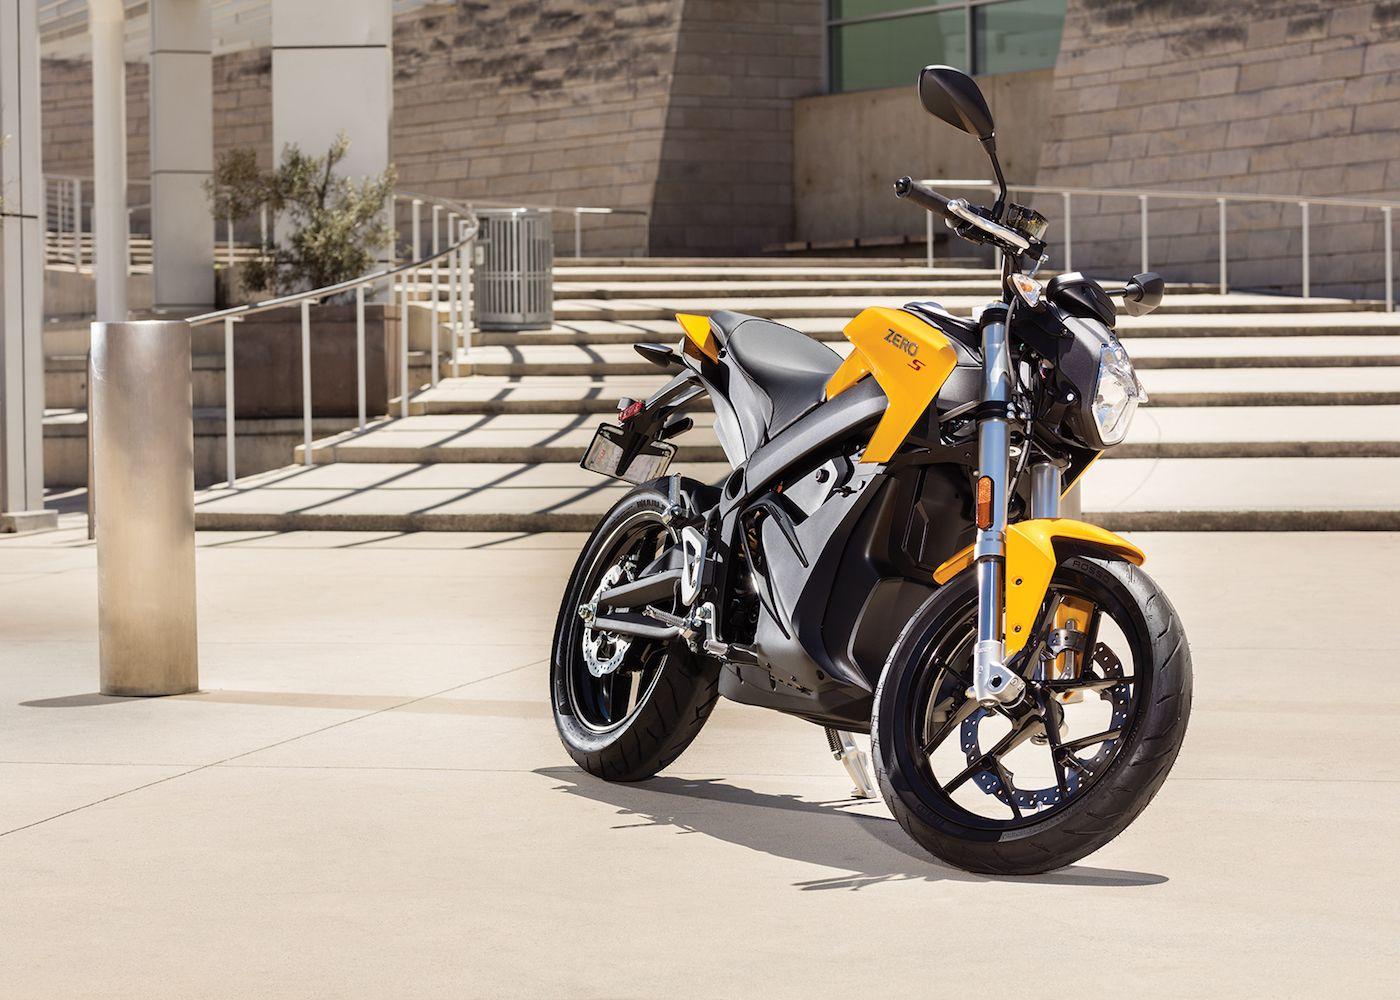 Zero S Latest Electric Motorcycles Boast 200 Mile Range